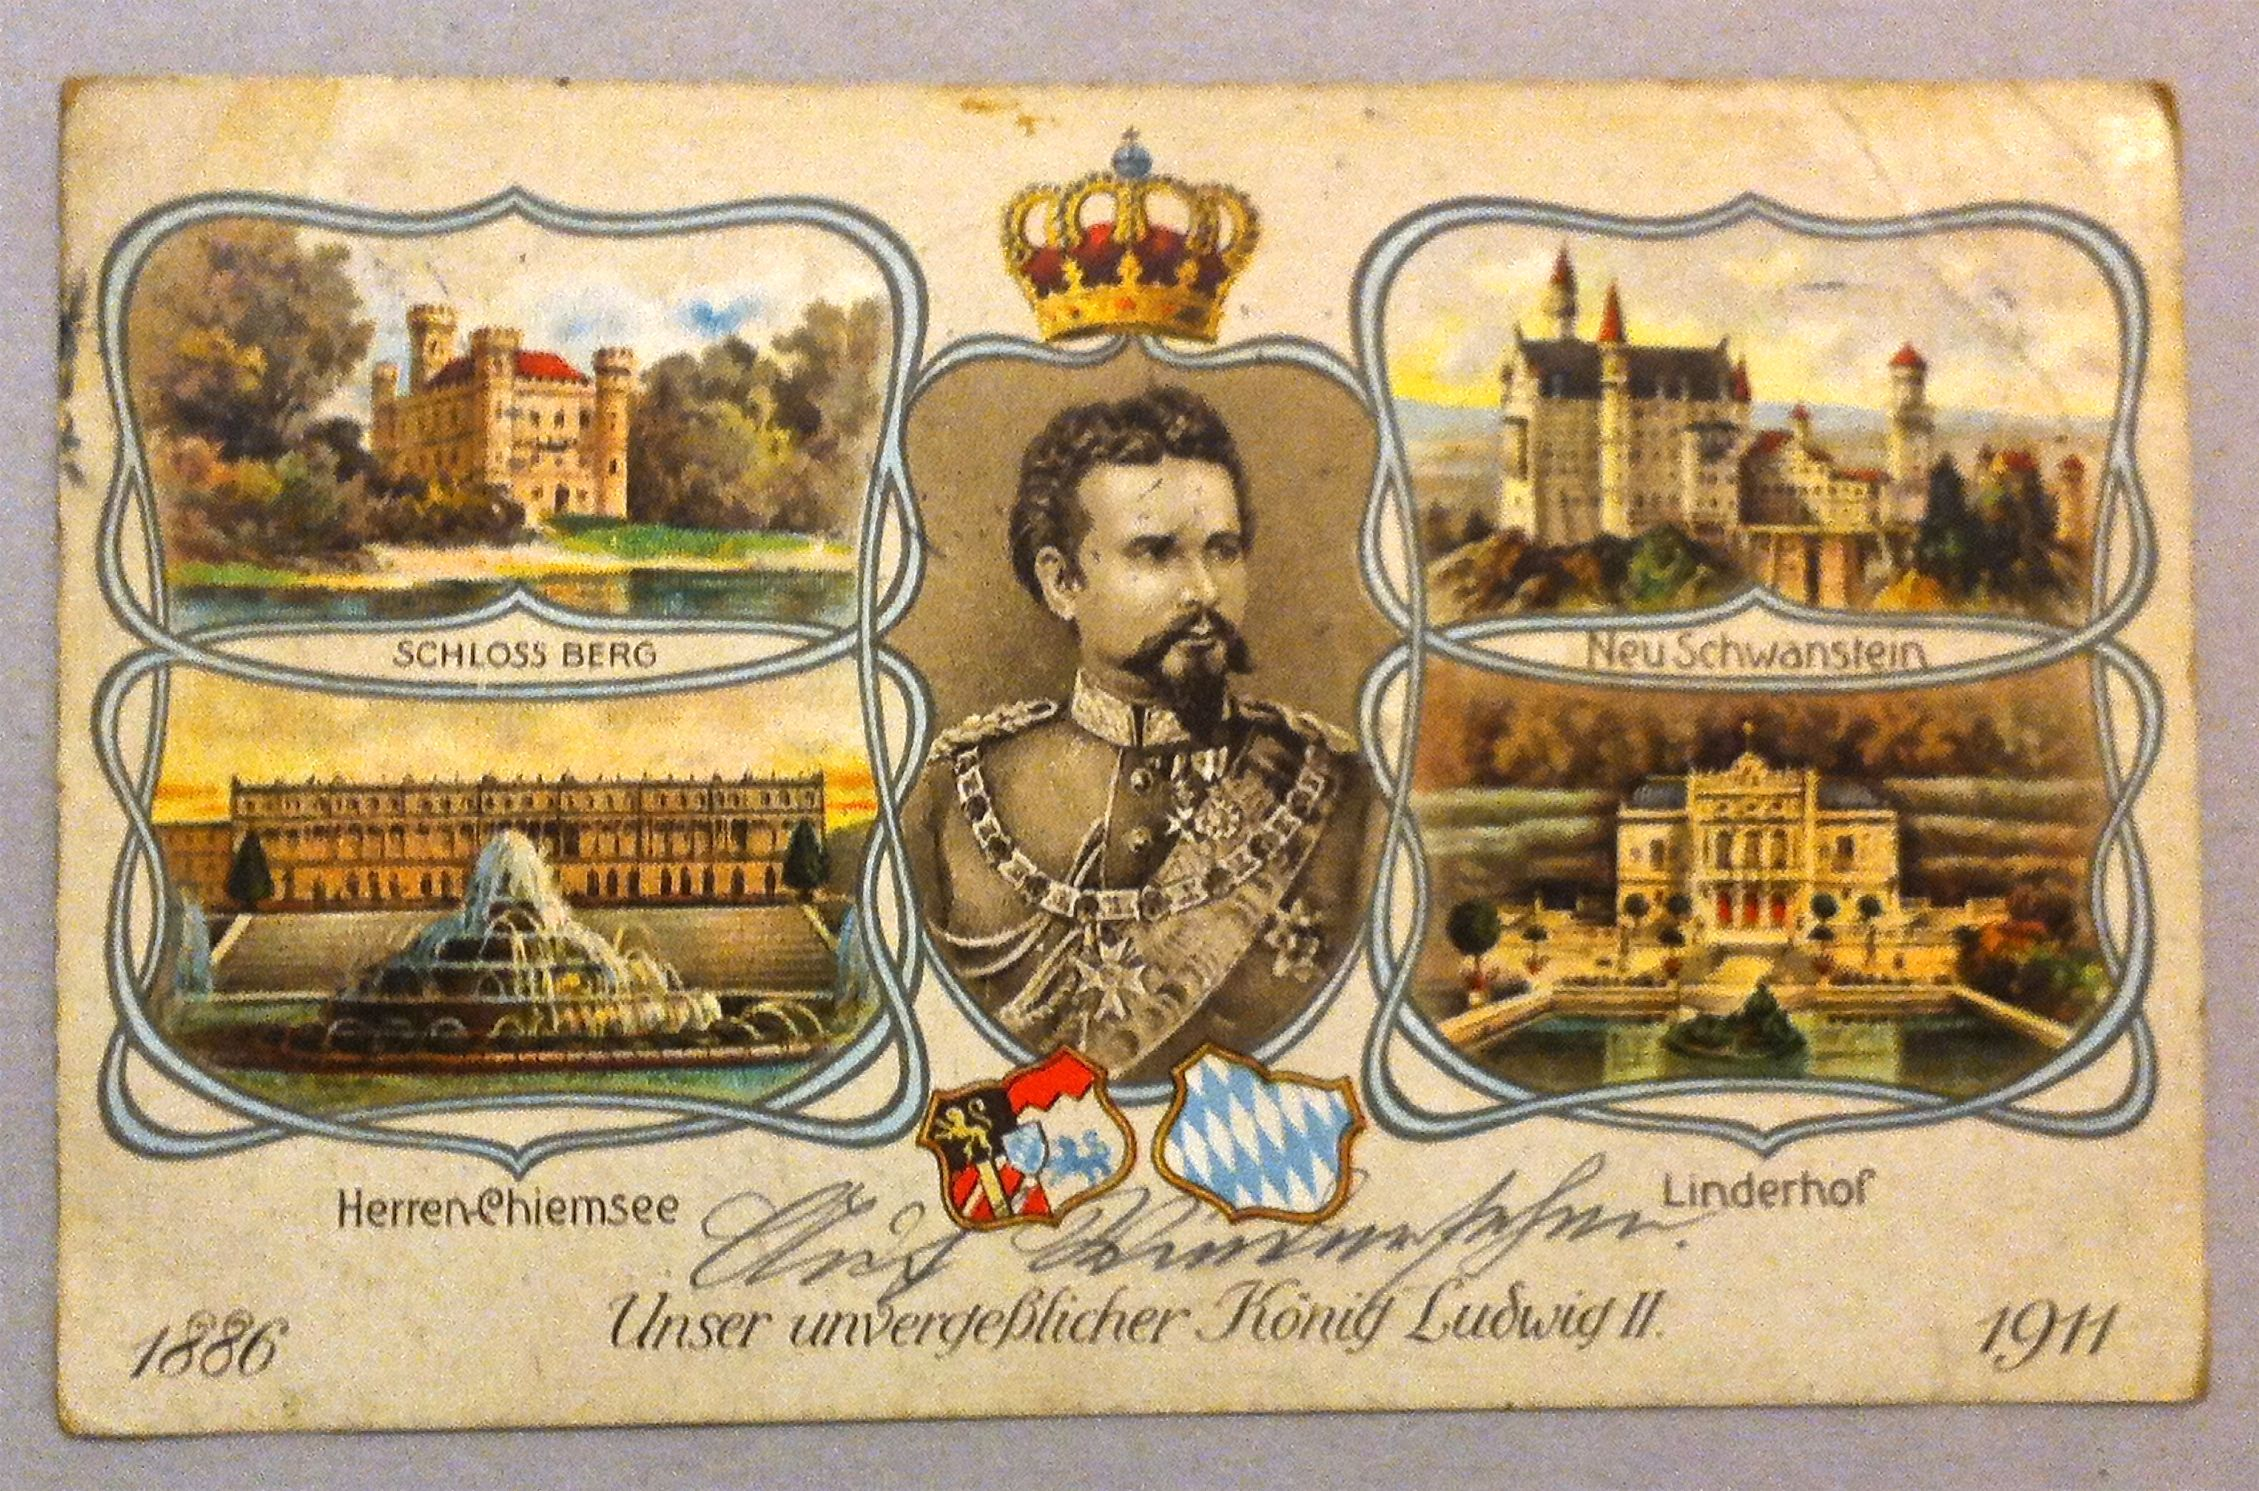 Orginal Alte Postkarte Von 1914 Unser Unvergesslicher Konig Ludwig Ii 1886 1911 Schloss Berg Neu Schwanstein Herren Chiemsee Postkarten Linderhof Schwanstein